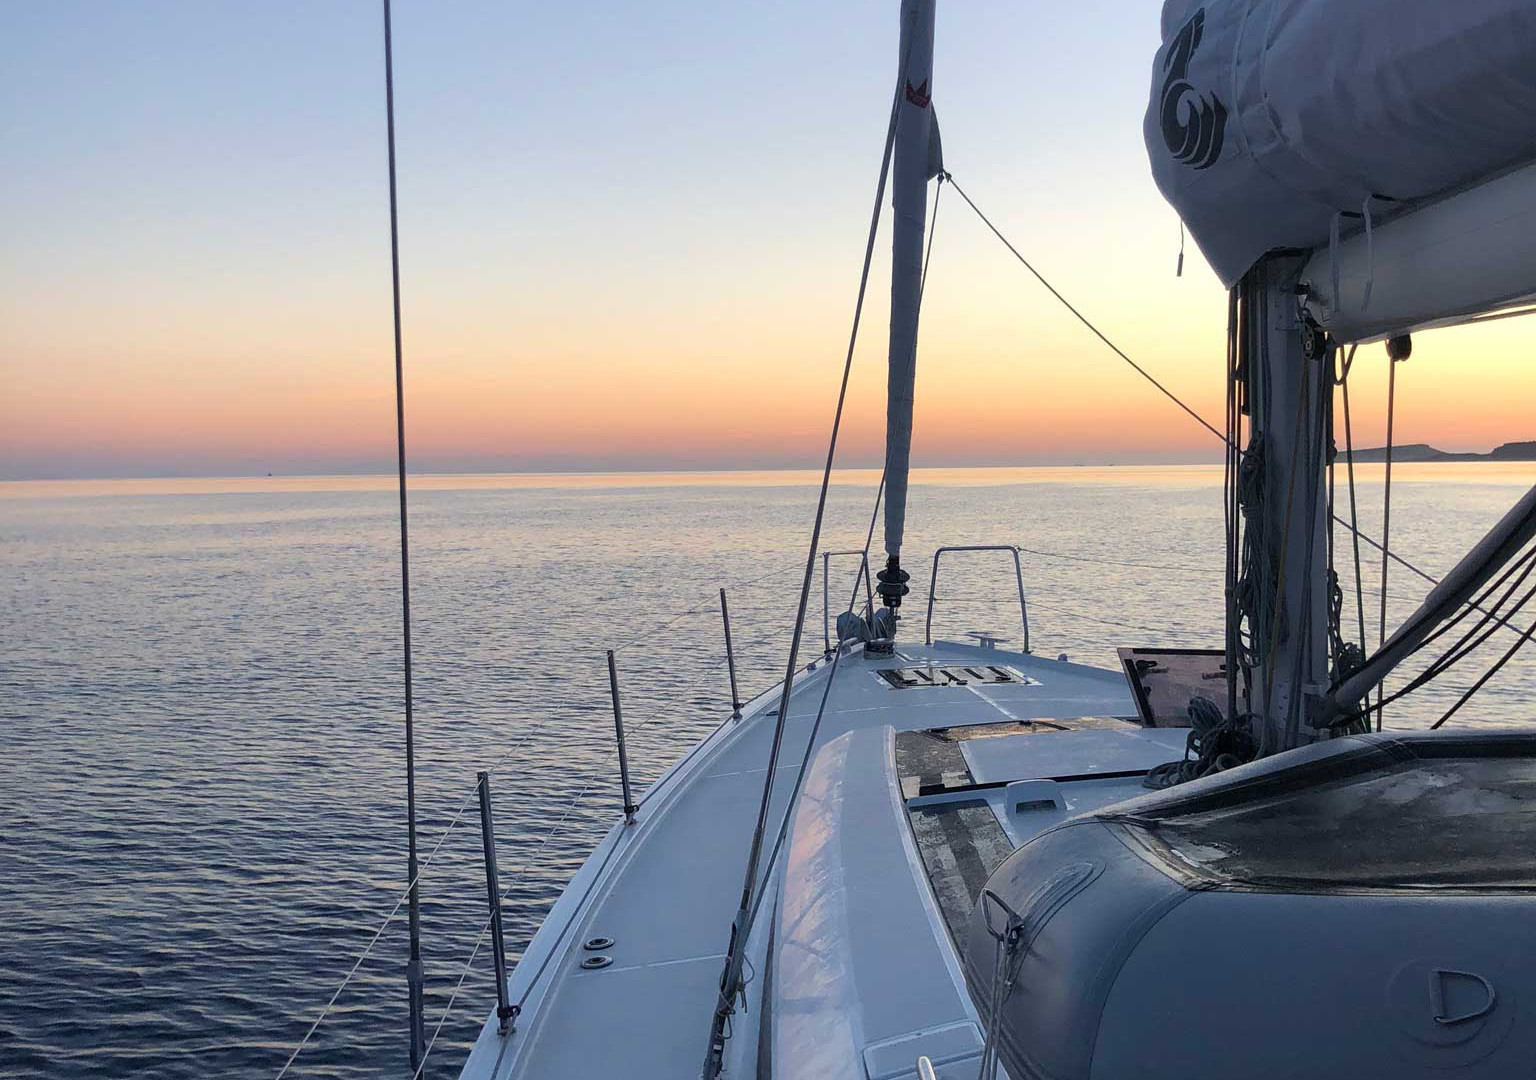 Euphoria-port-sunset.jpg